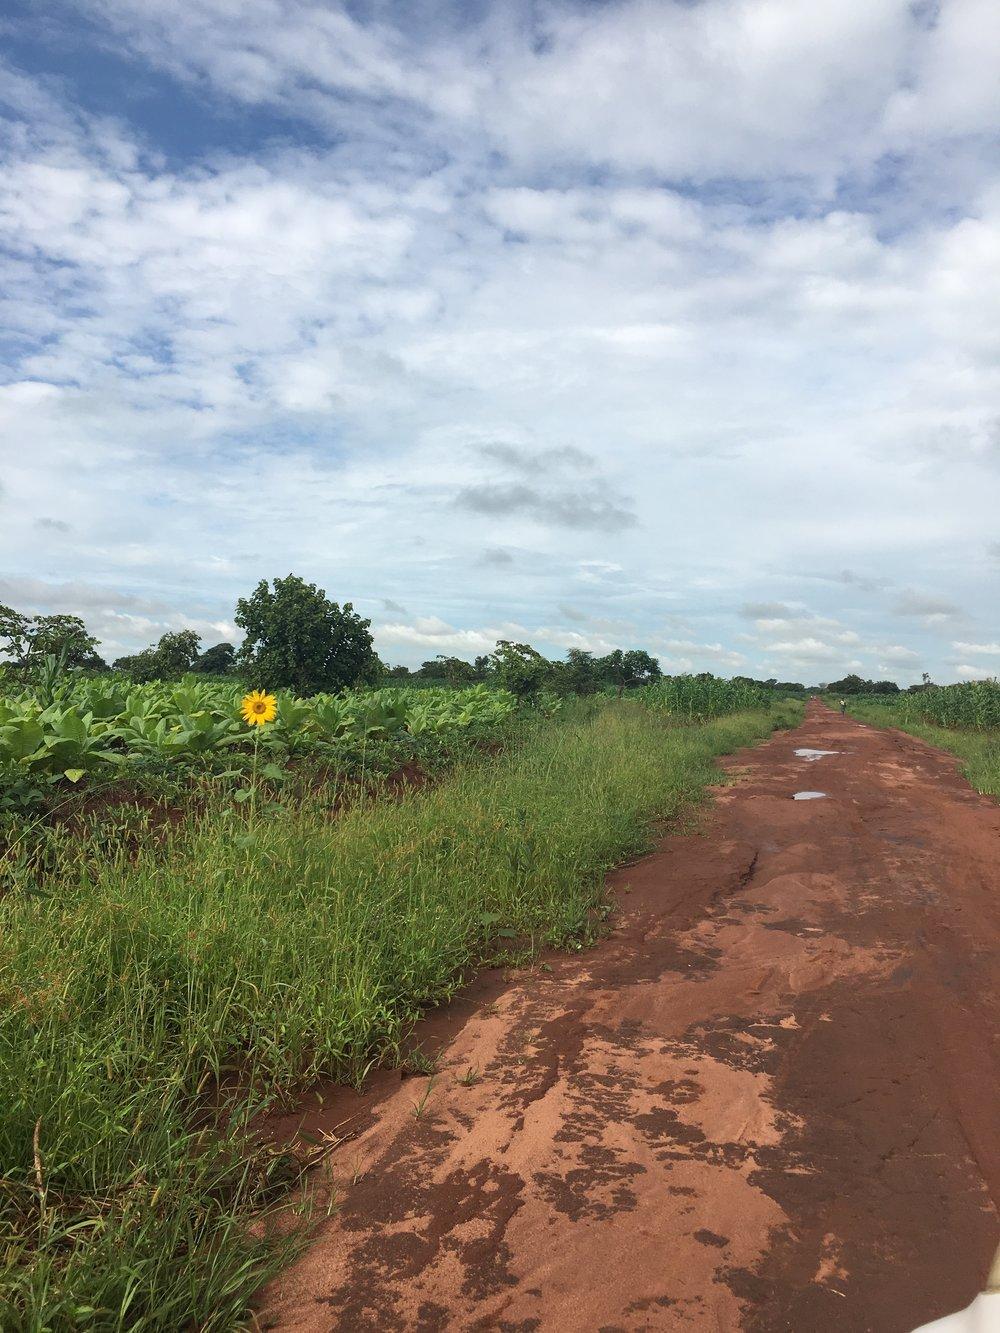 The road to Nambuma Health Center